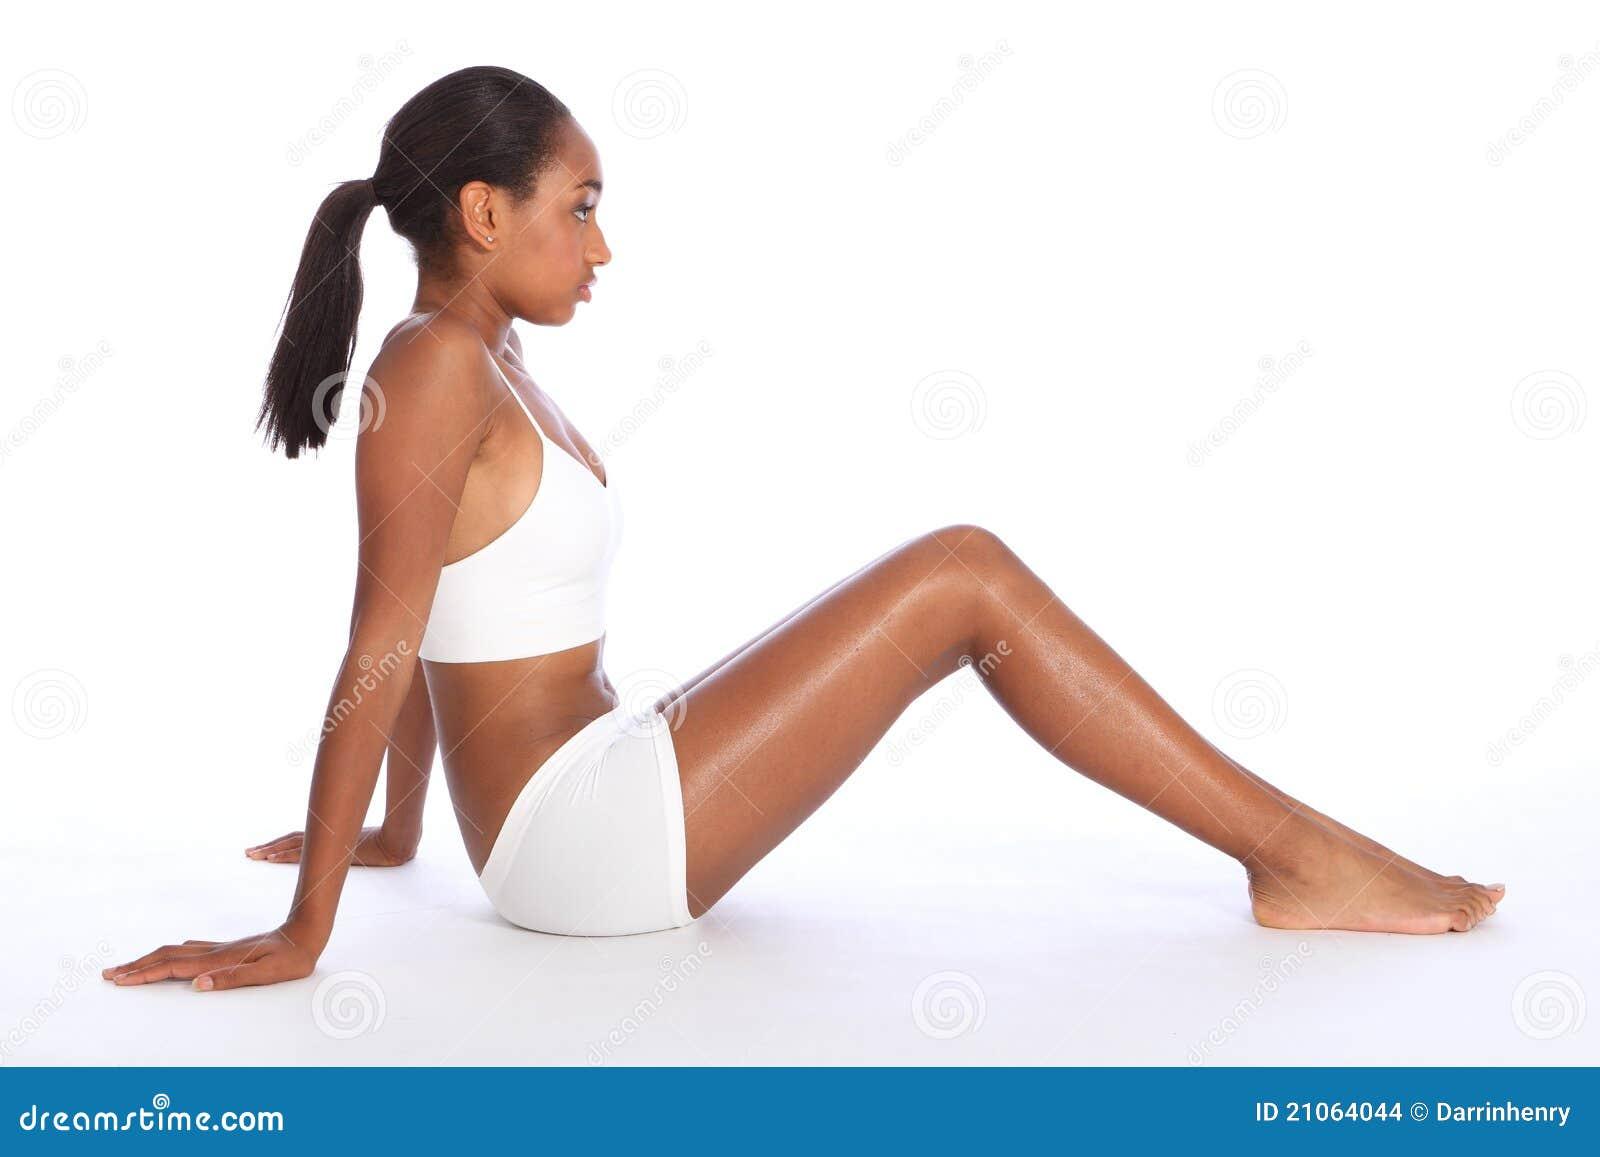 γυμνές φωτογραφίες των Αφρικανών γυναικών